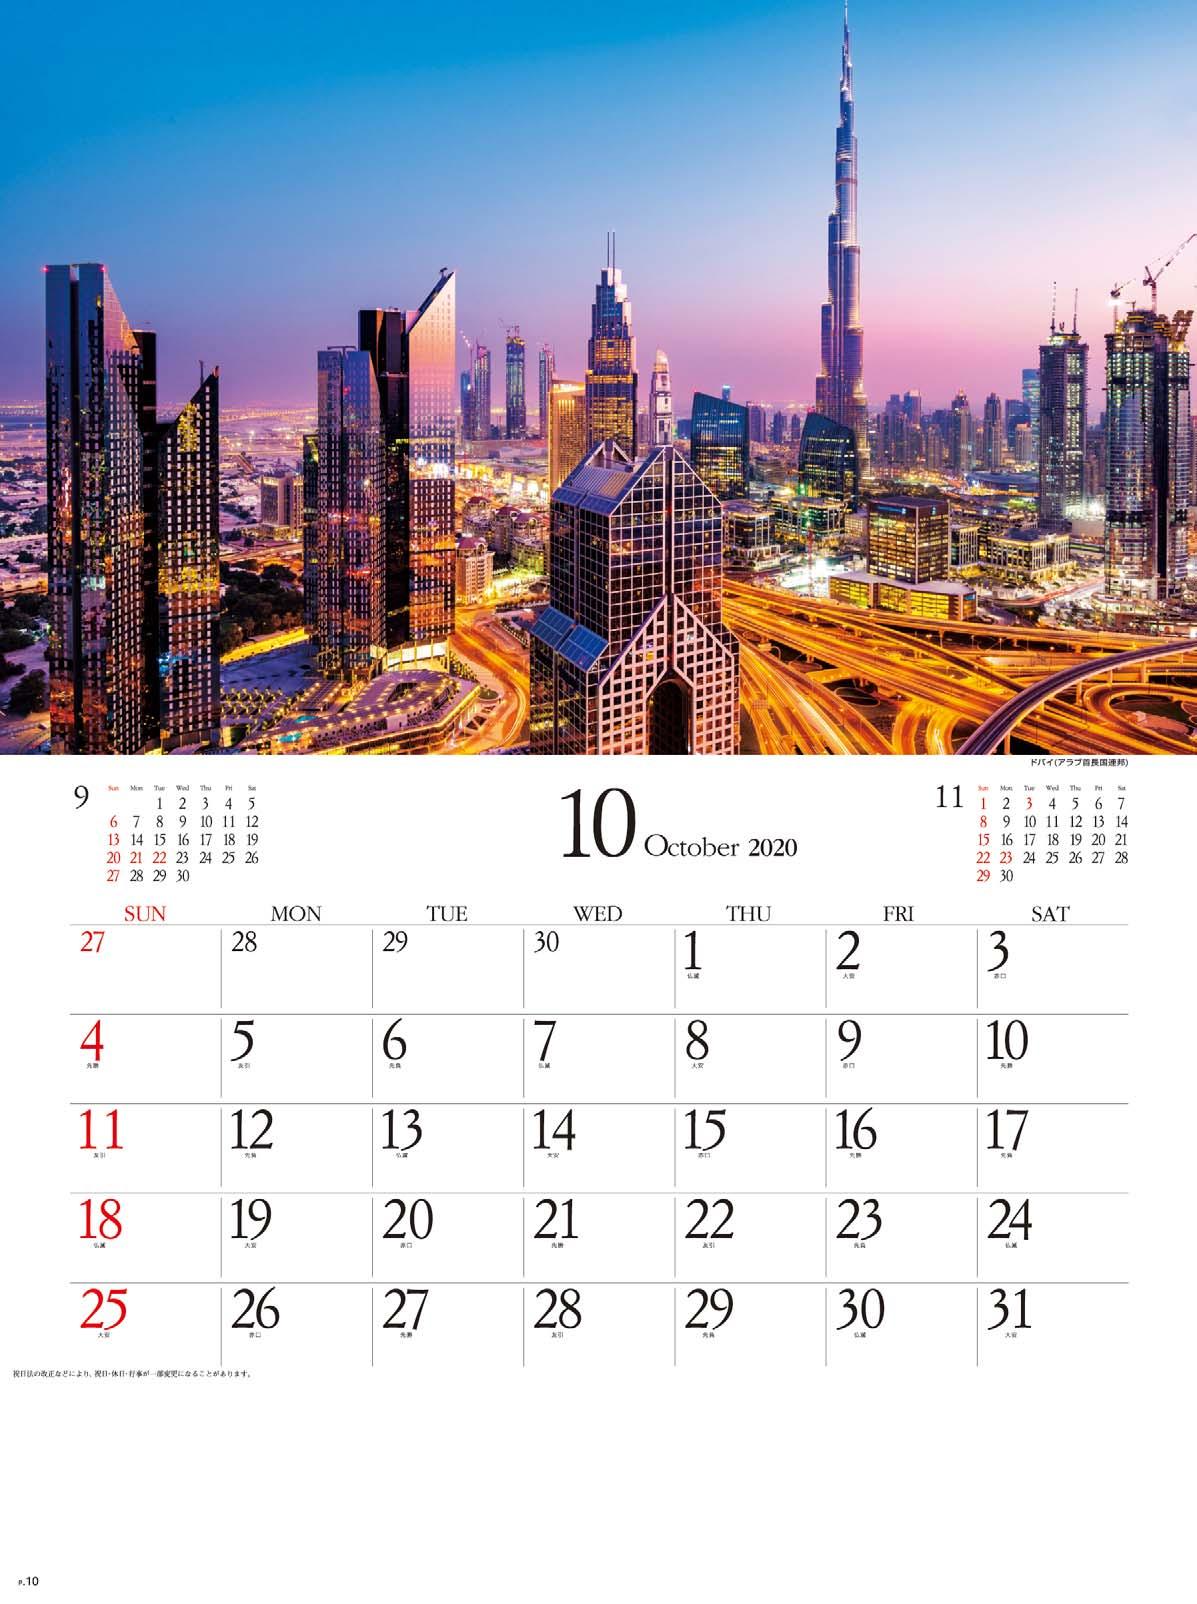 画像:ドバイ(アラブ首長国連邦) エンドレスシティ・世界の夜景 2020年カレンダー